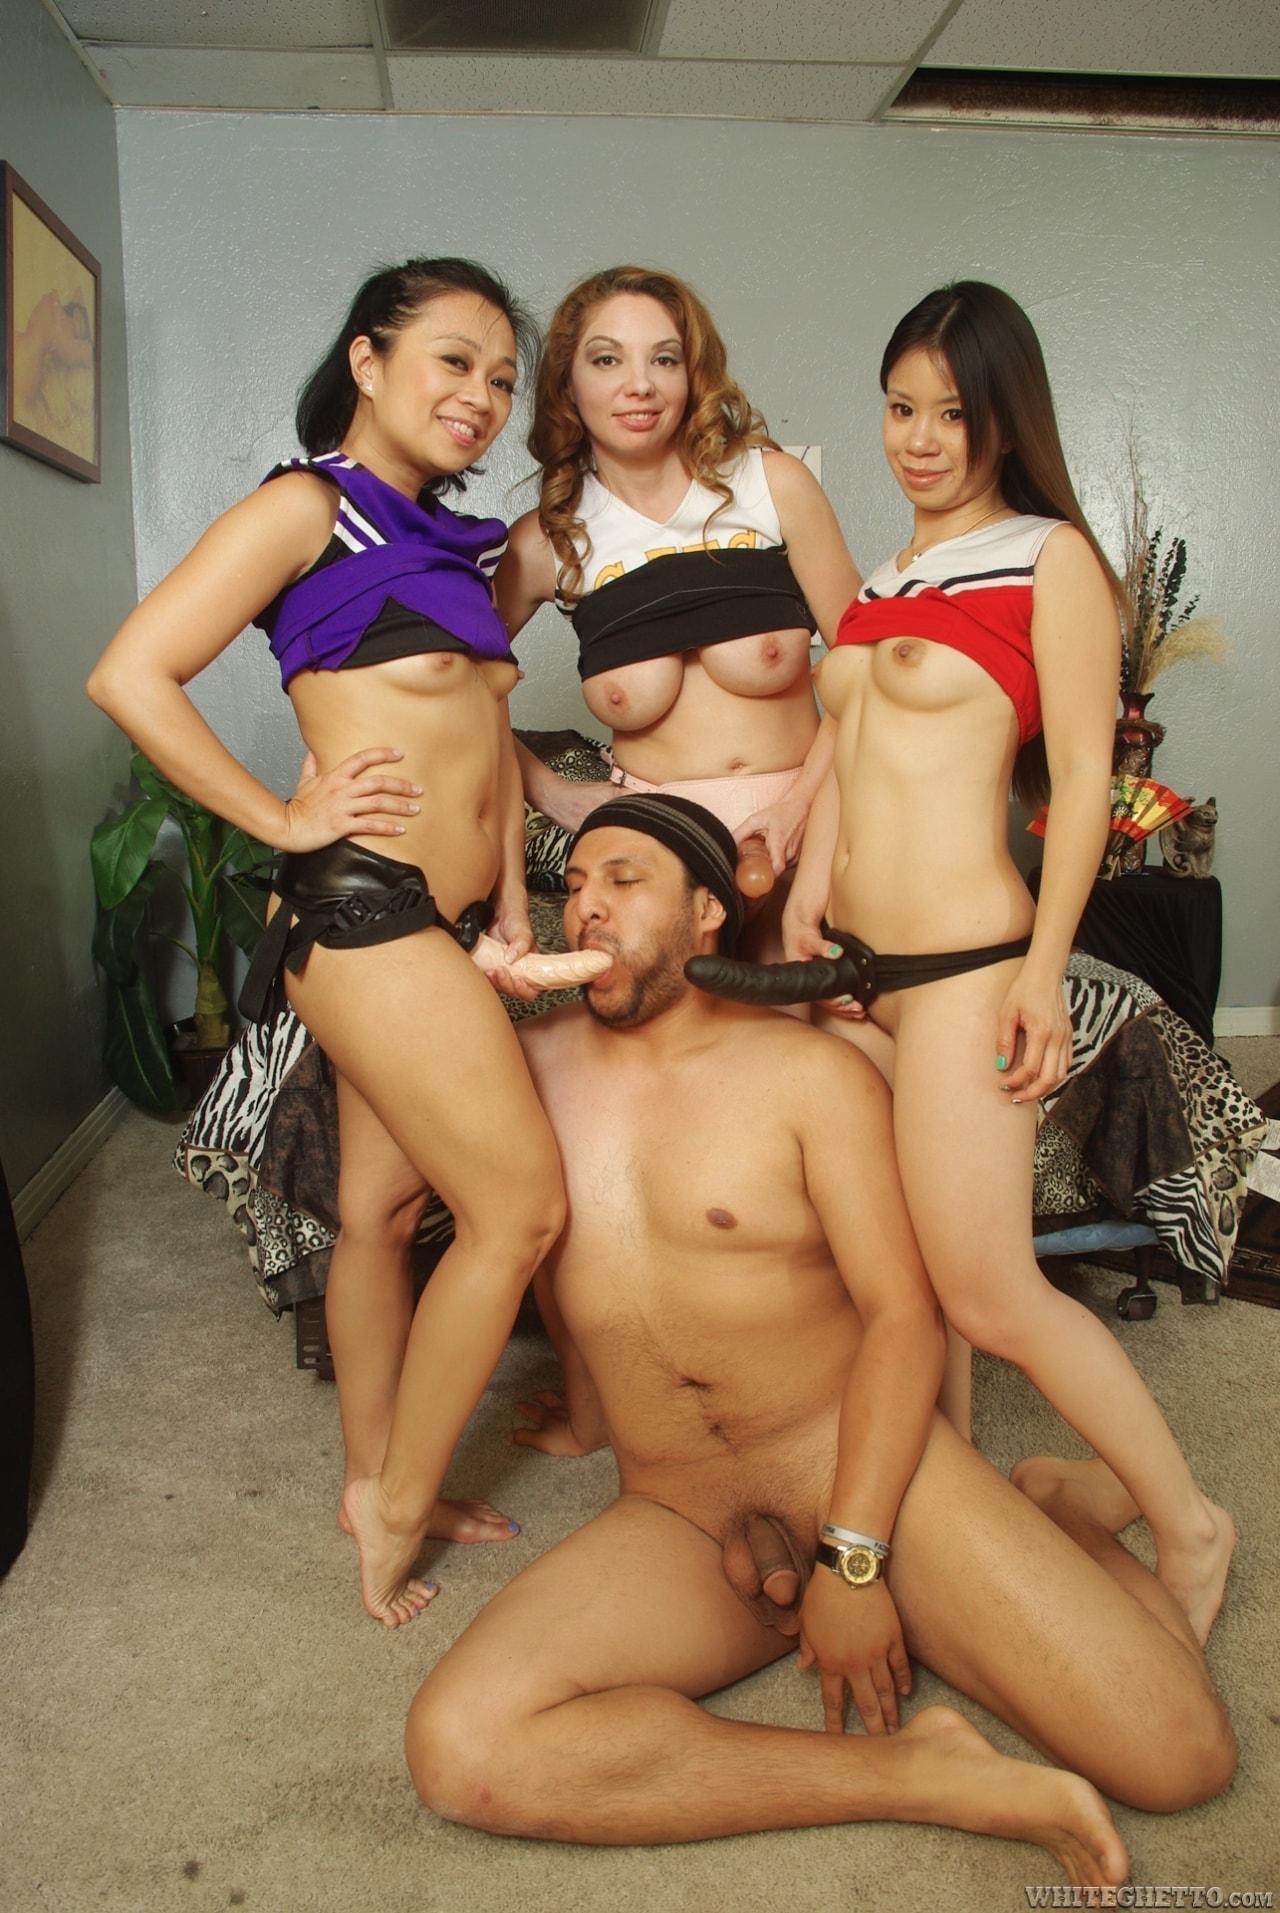 Pornhub kiki apartment gang bang, girls kissing hard core sexy